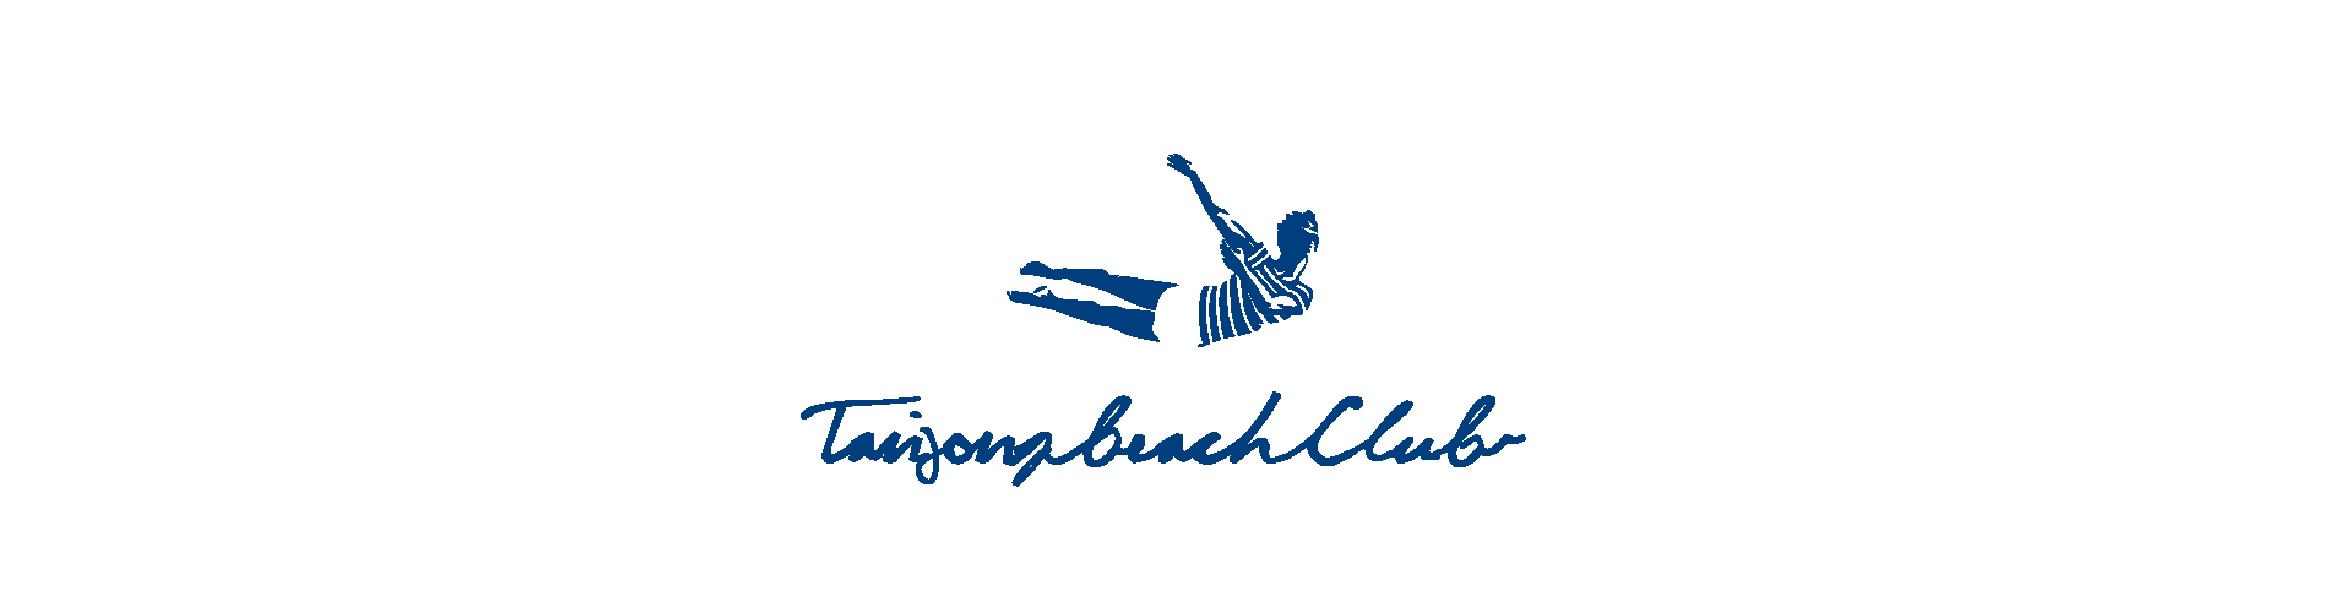 Tanjong Beach Club Logo-03.png